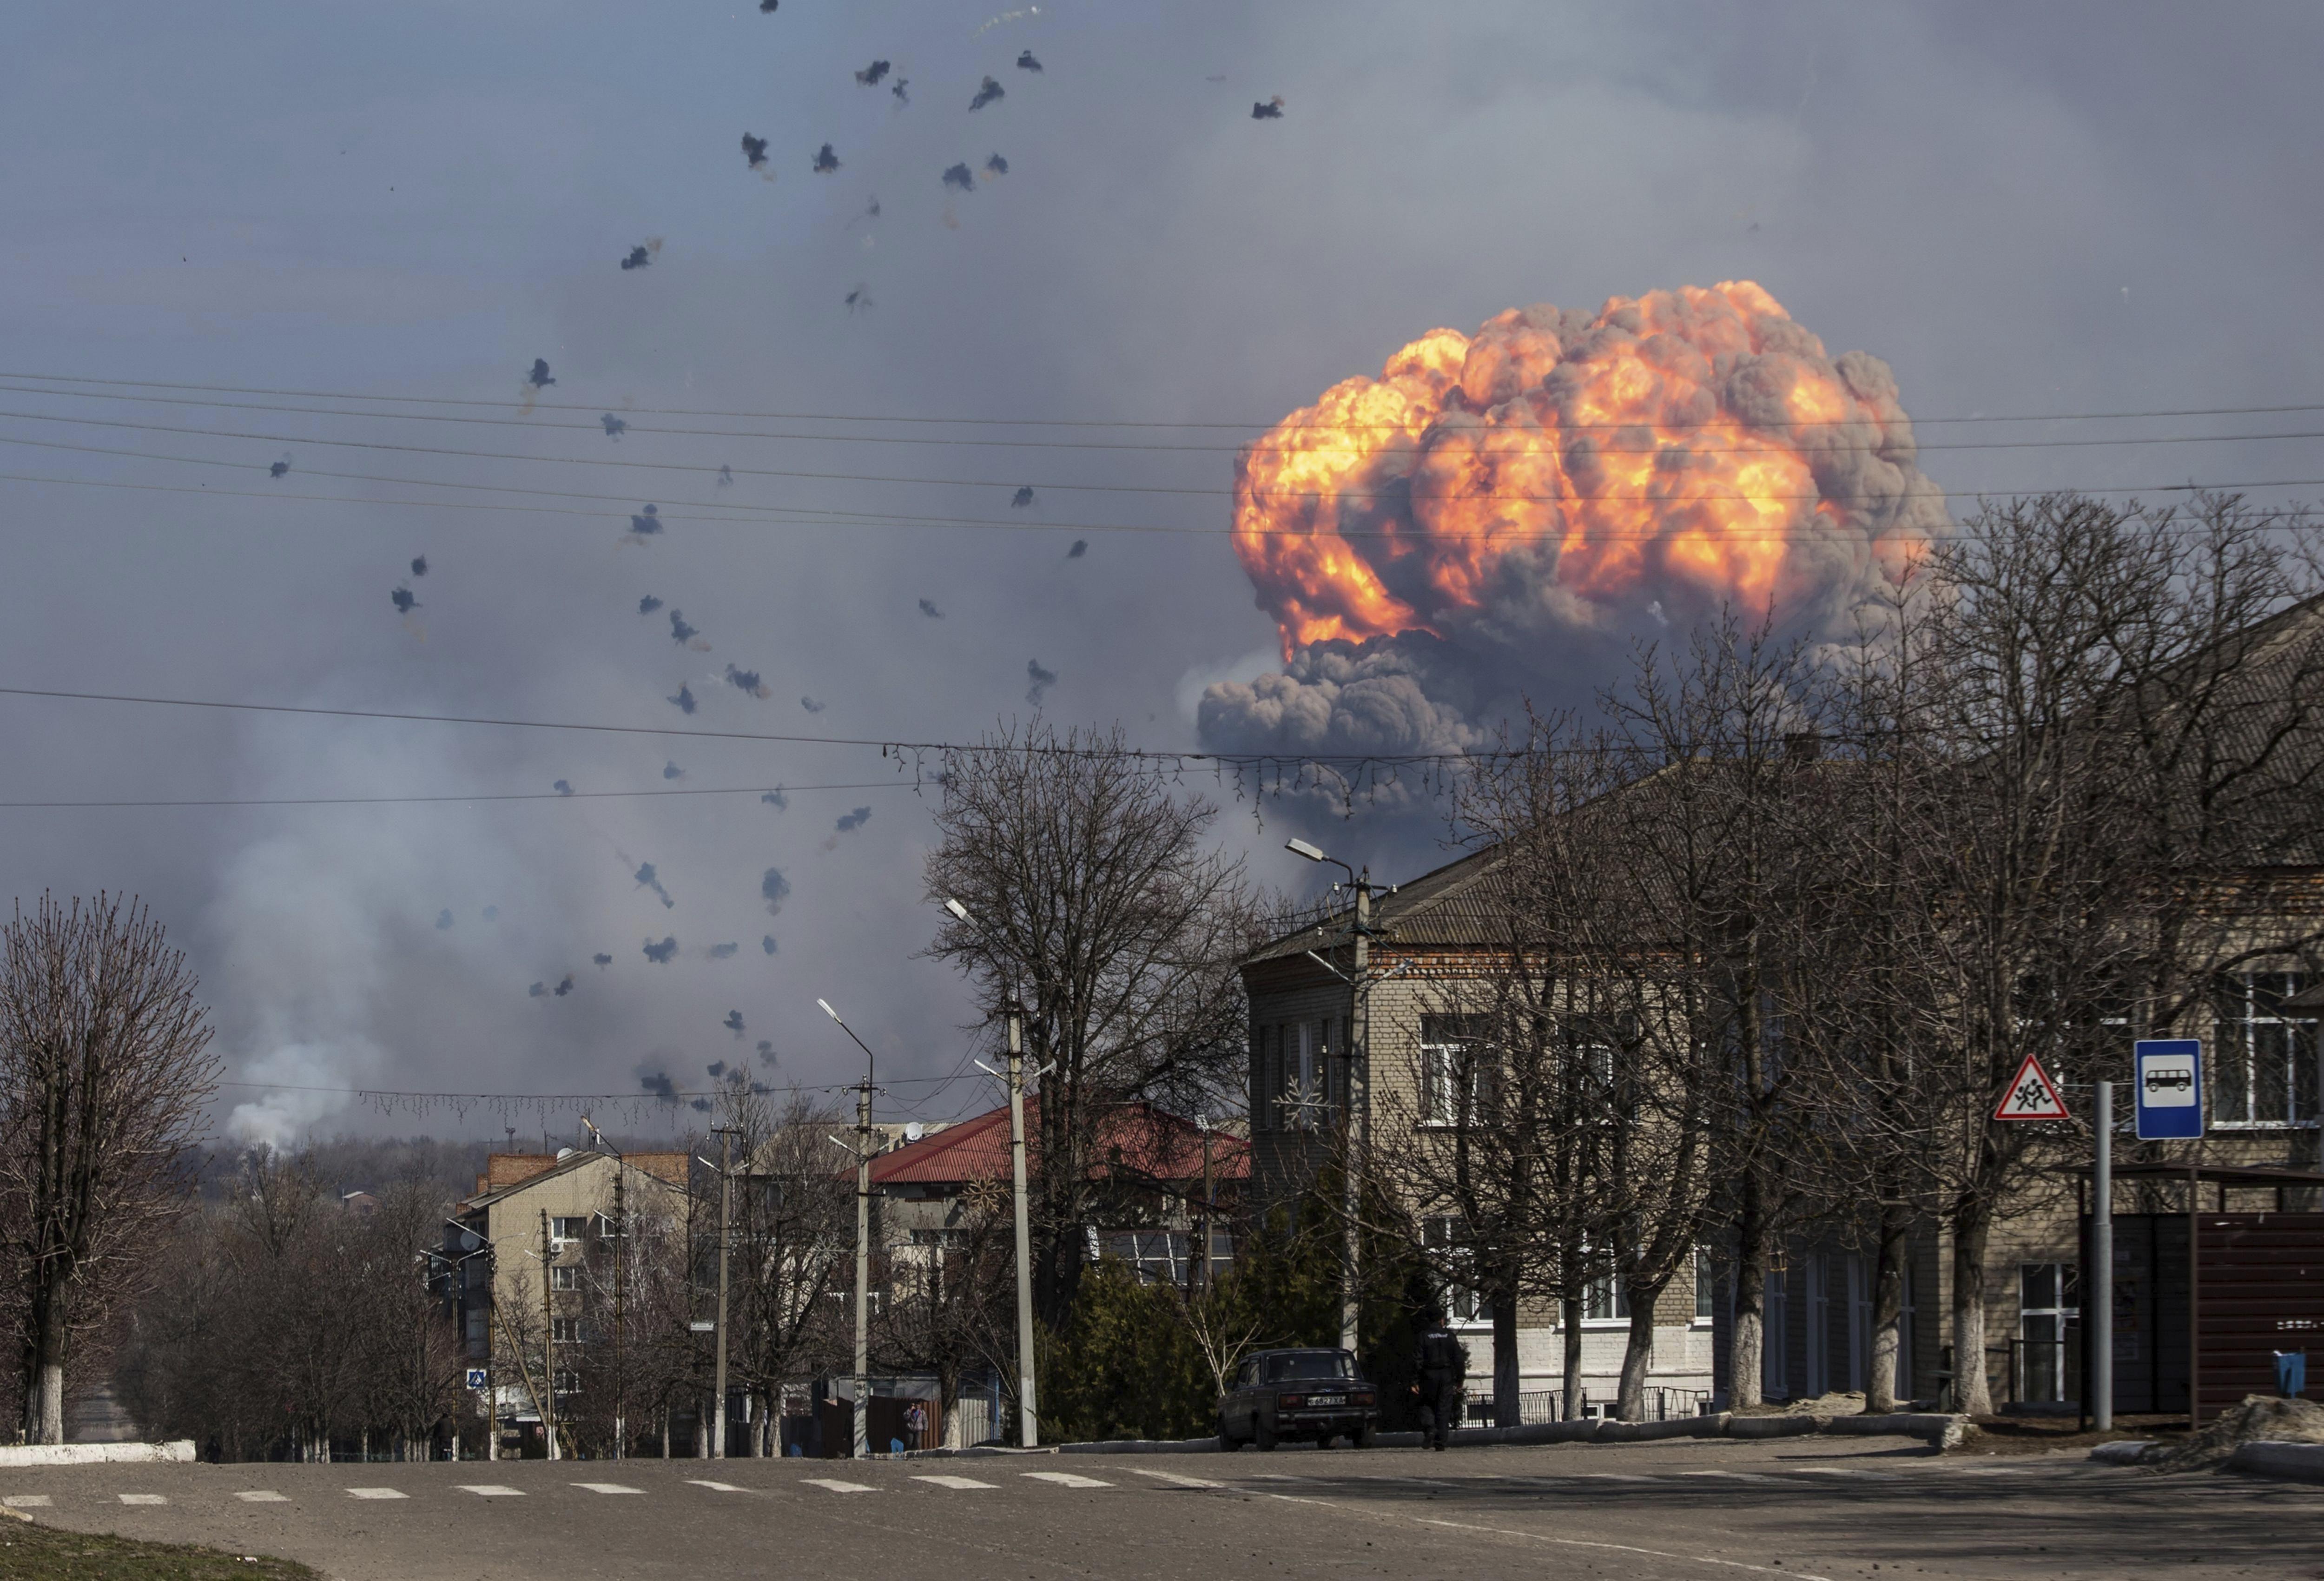 La increíble explosión en Ucrania